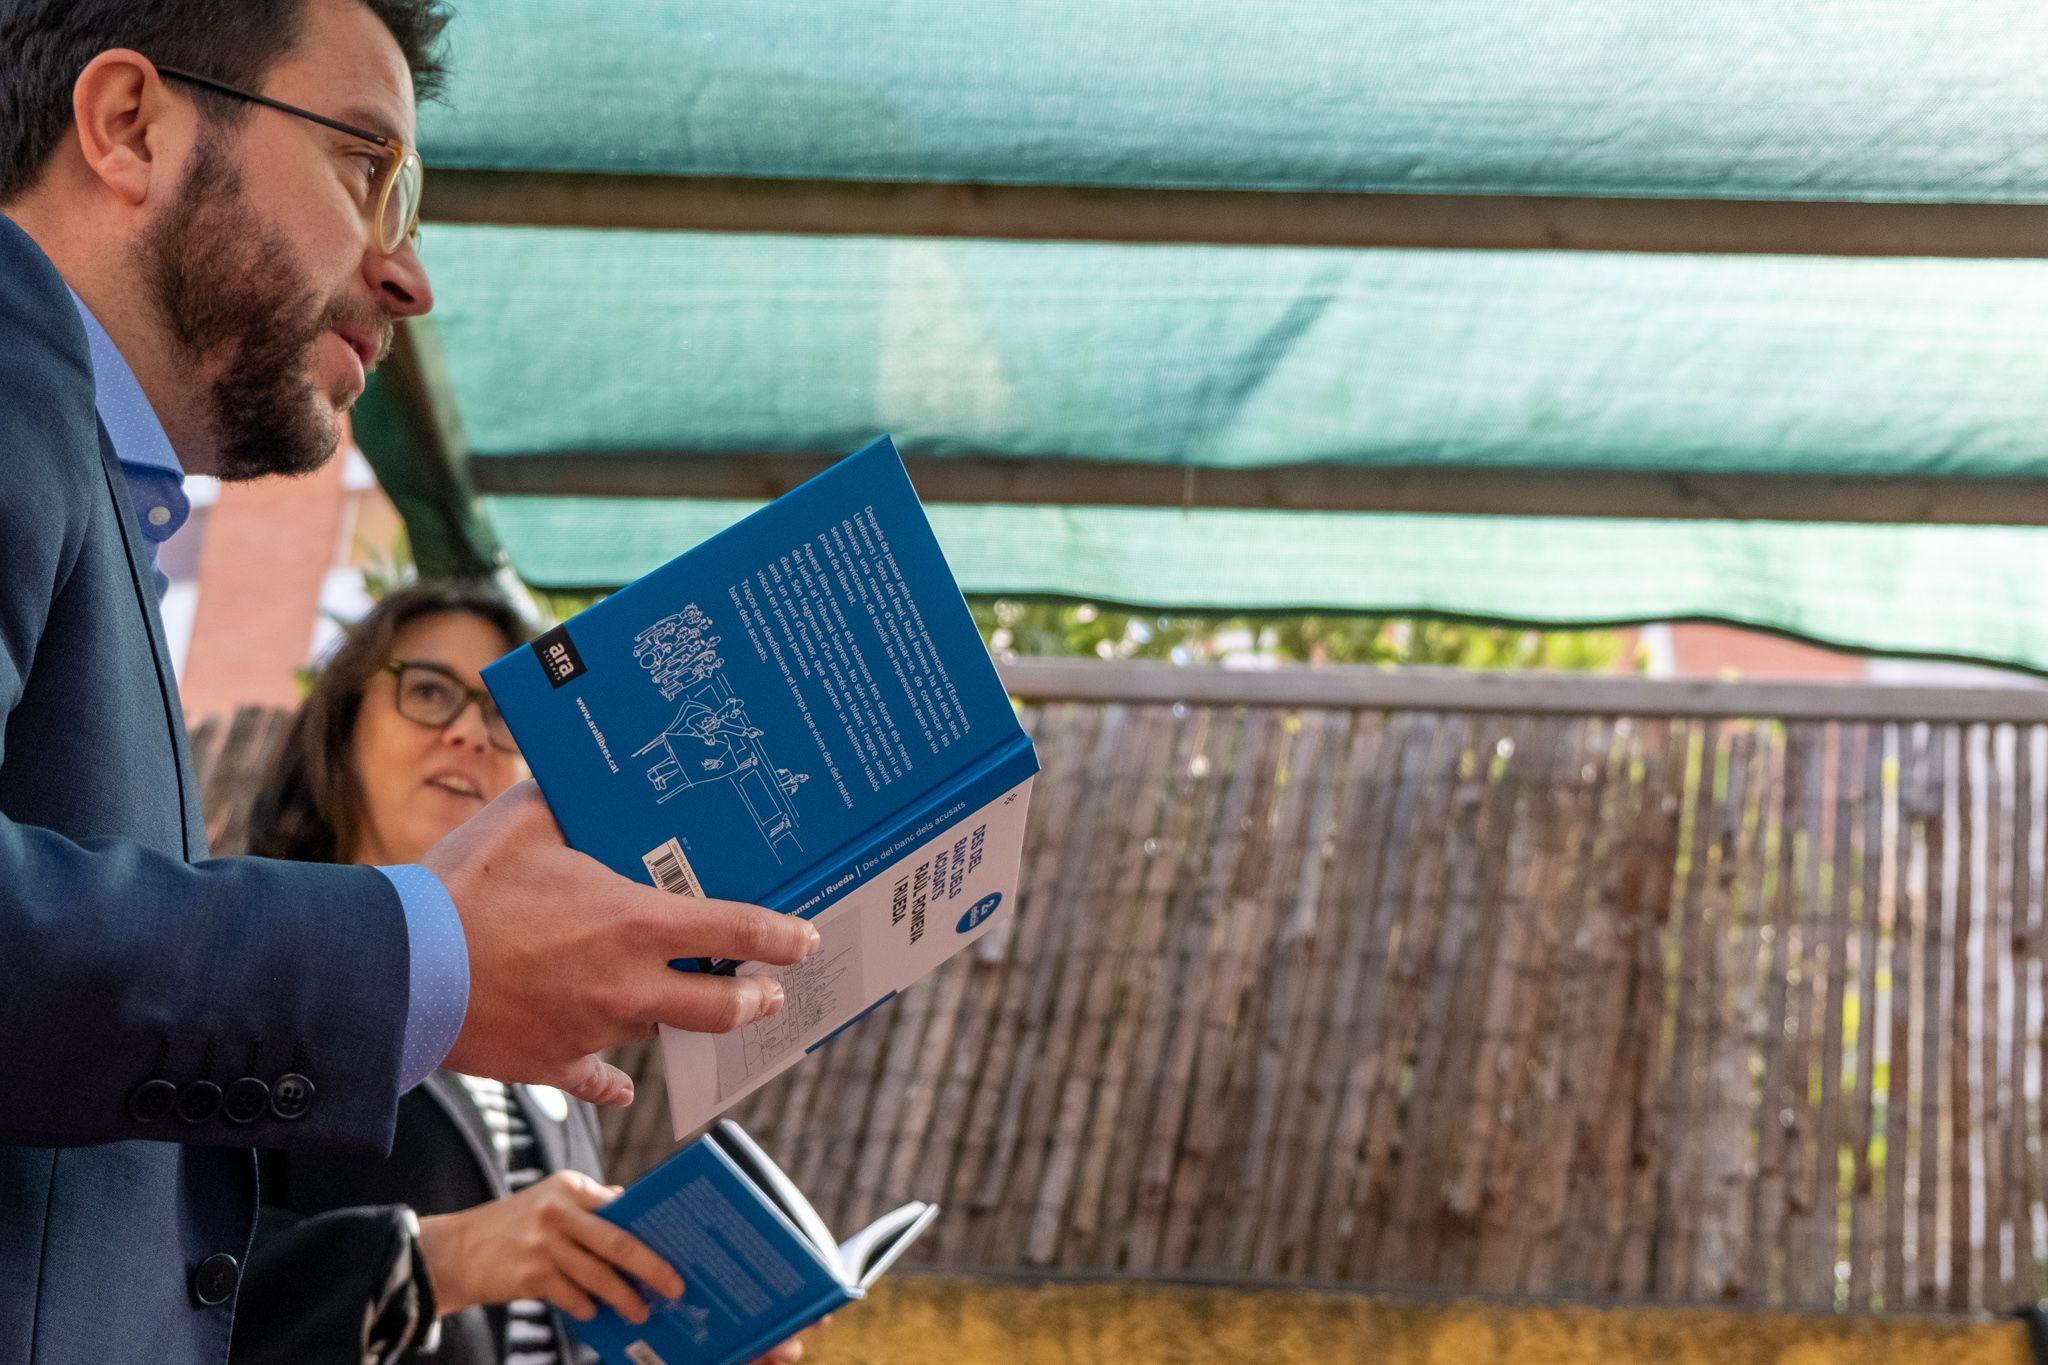 Presentació de llibre 'Des del banc dels acusats' al Pati de Llibres. FOTO: Ale Gómez